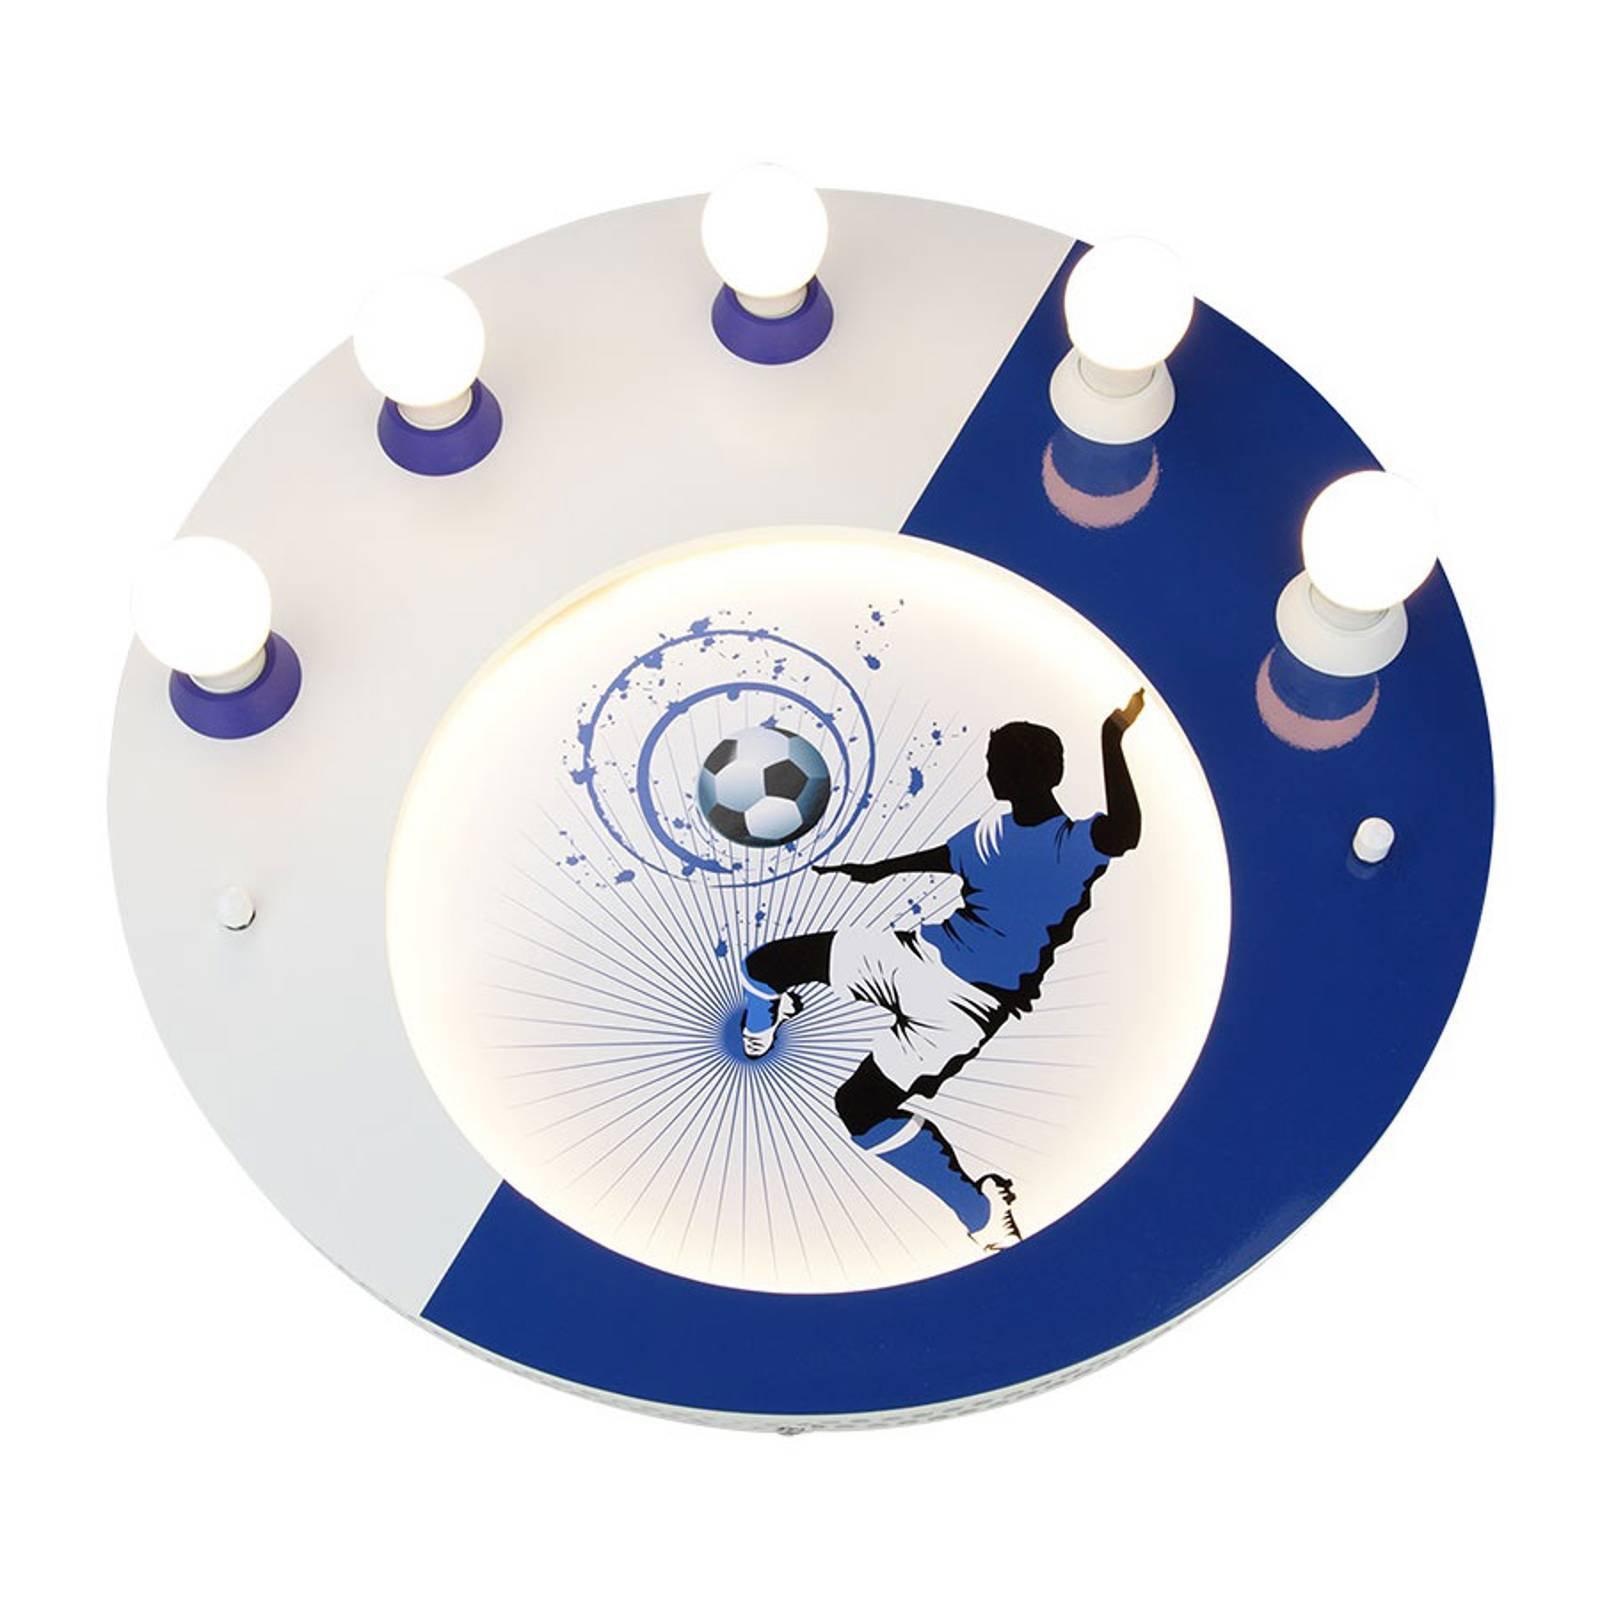 Taklampe Soccer, 5 lyskilder, blå og hvit